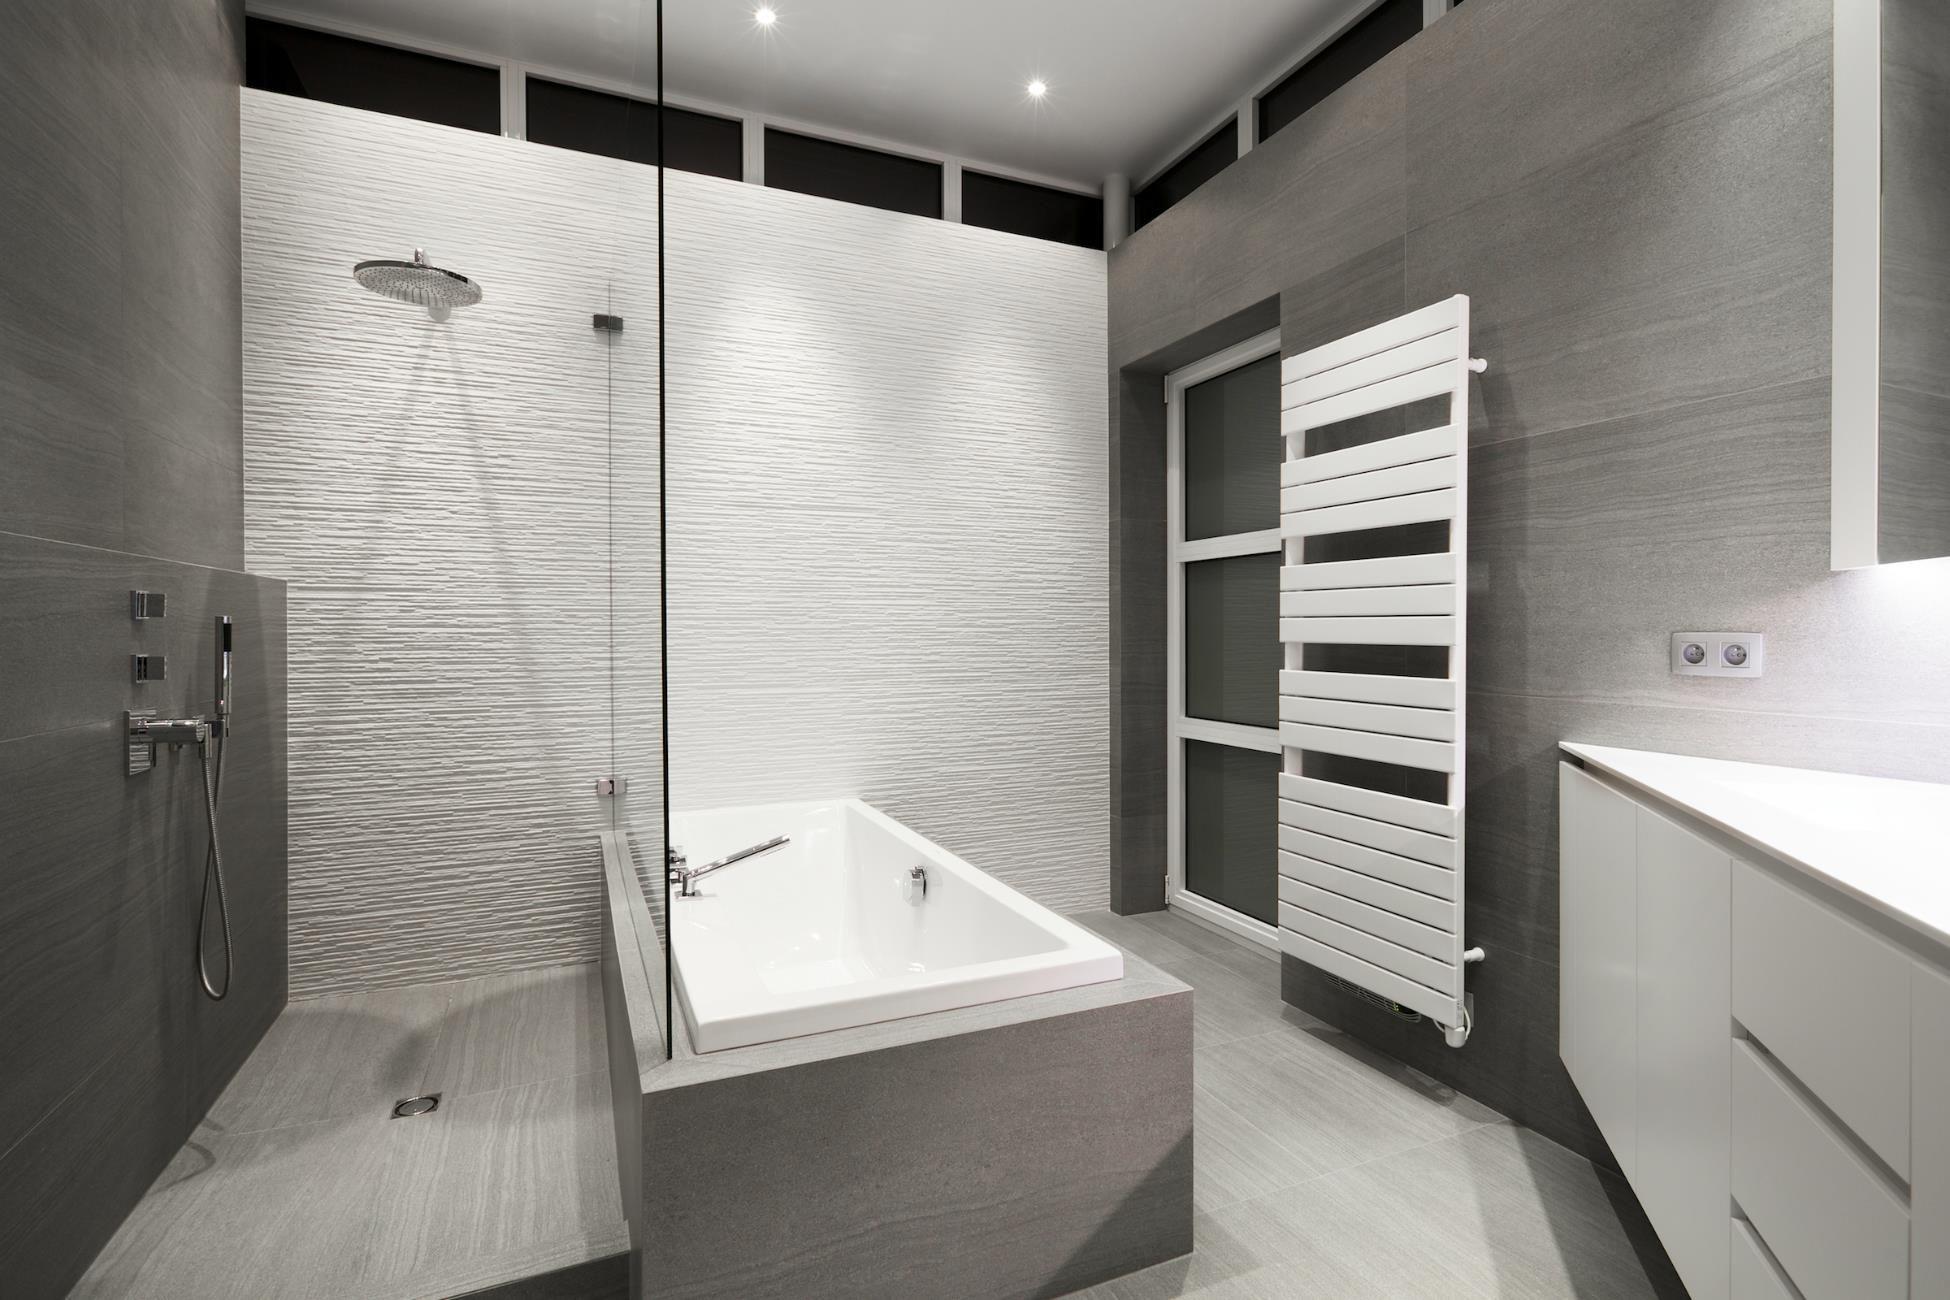 entreprise douche italienne L'Isle-sur-la-Sorgue